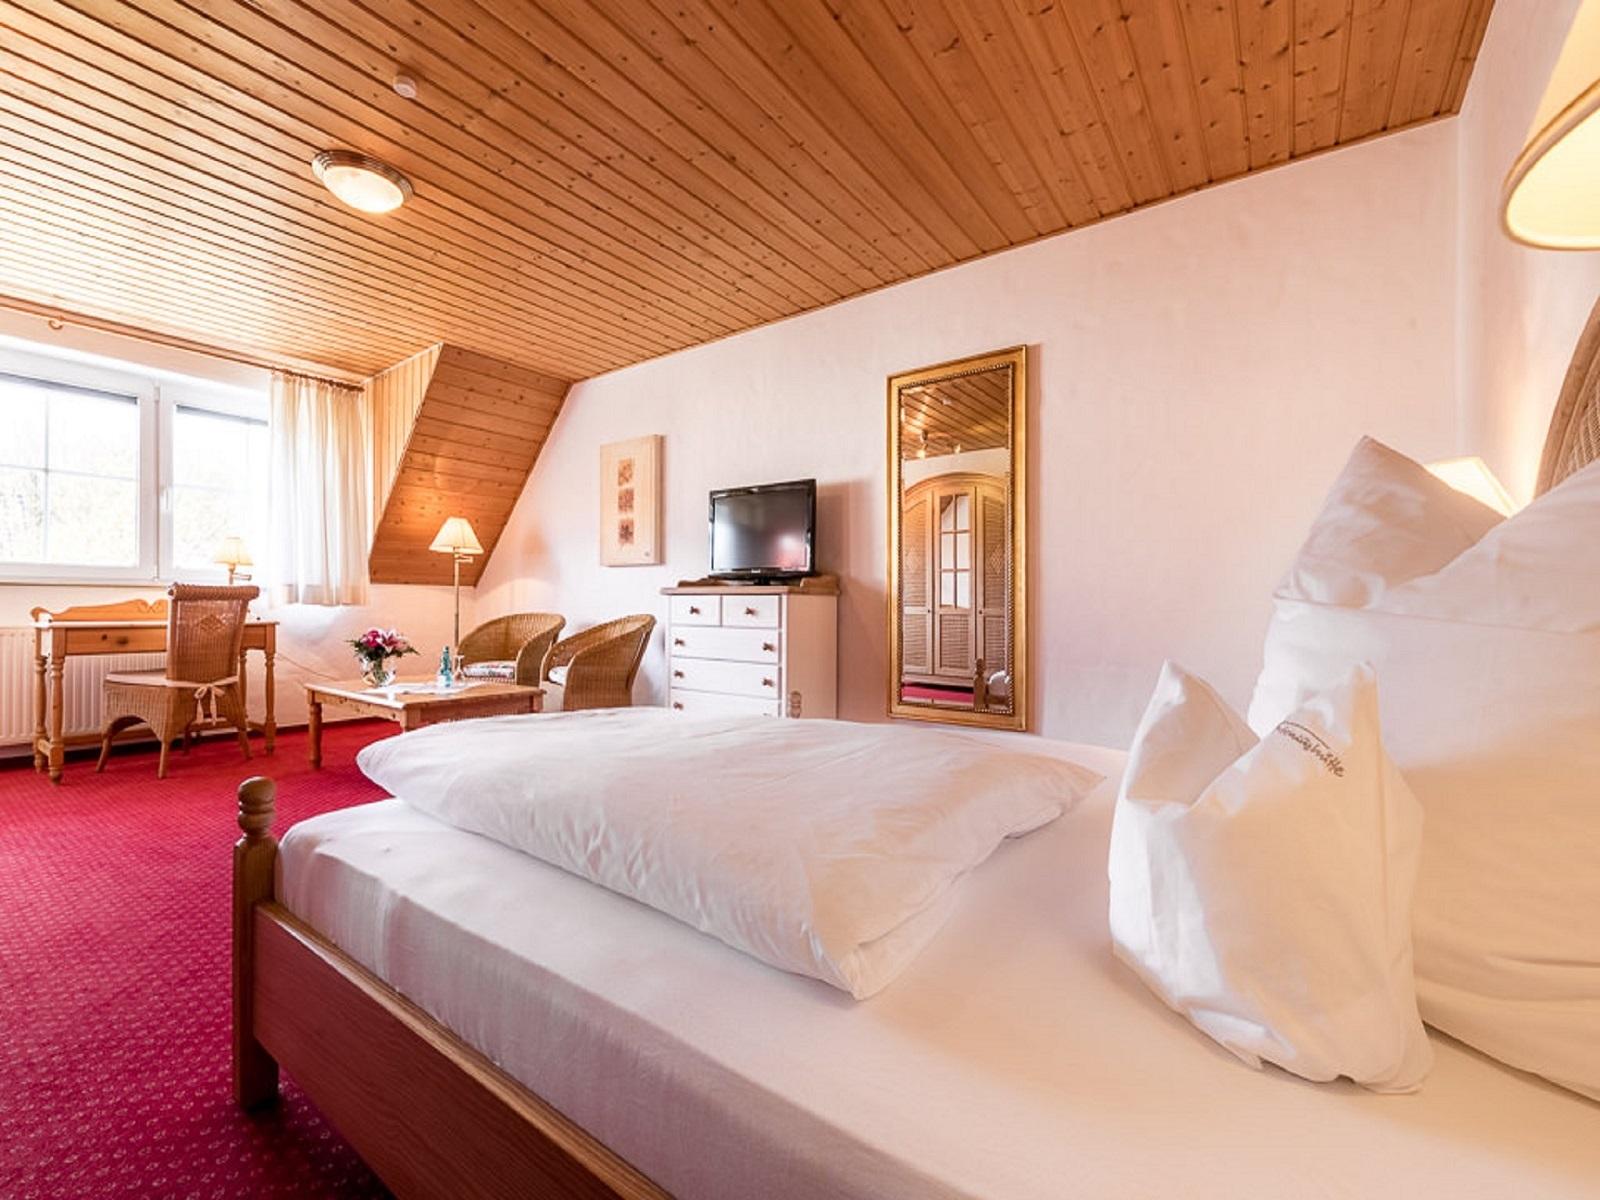 hamborg lufthavn hotel superchat dk